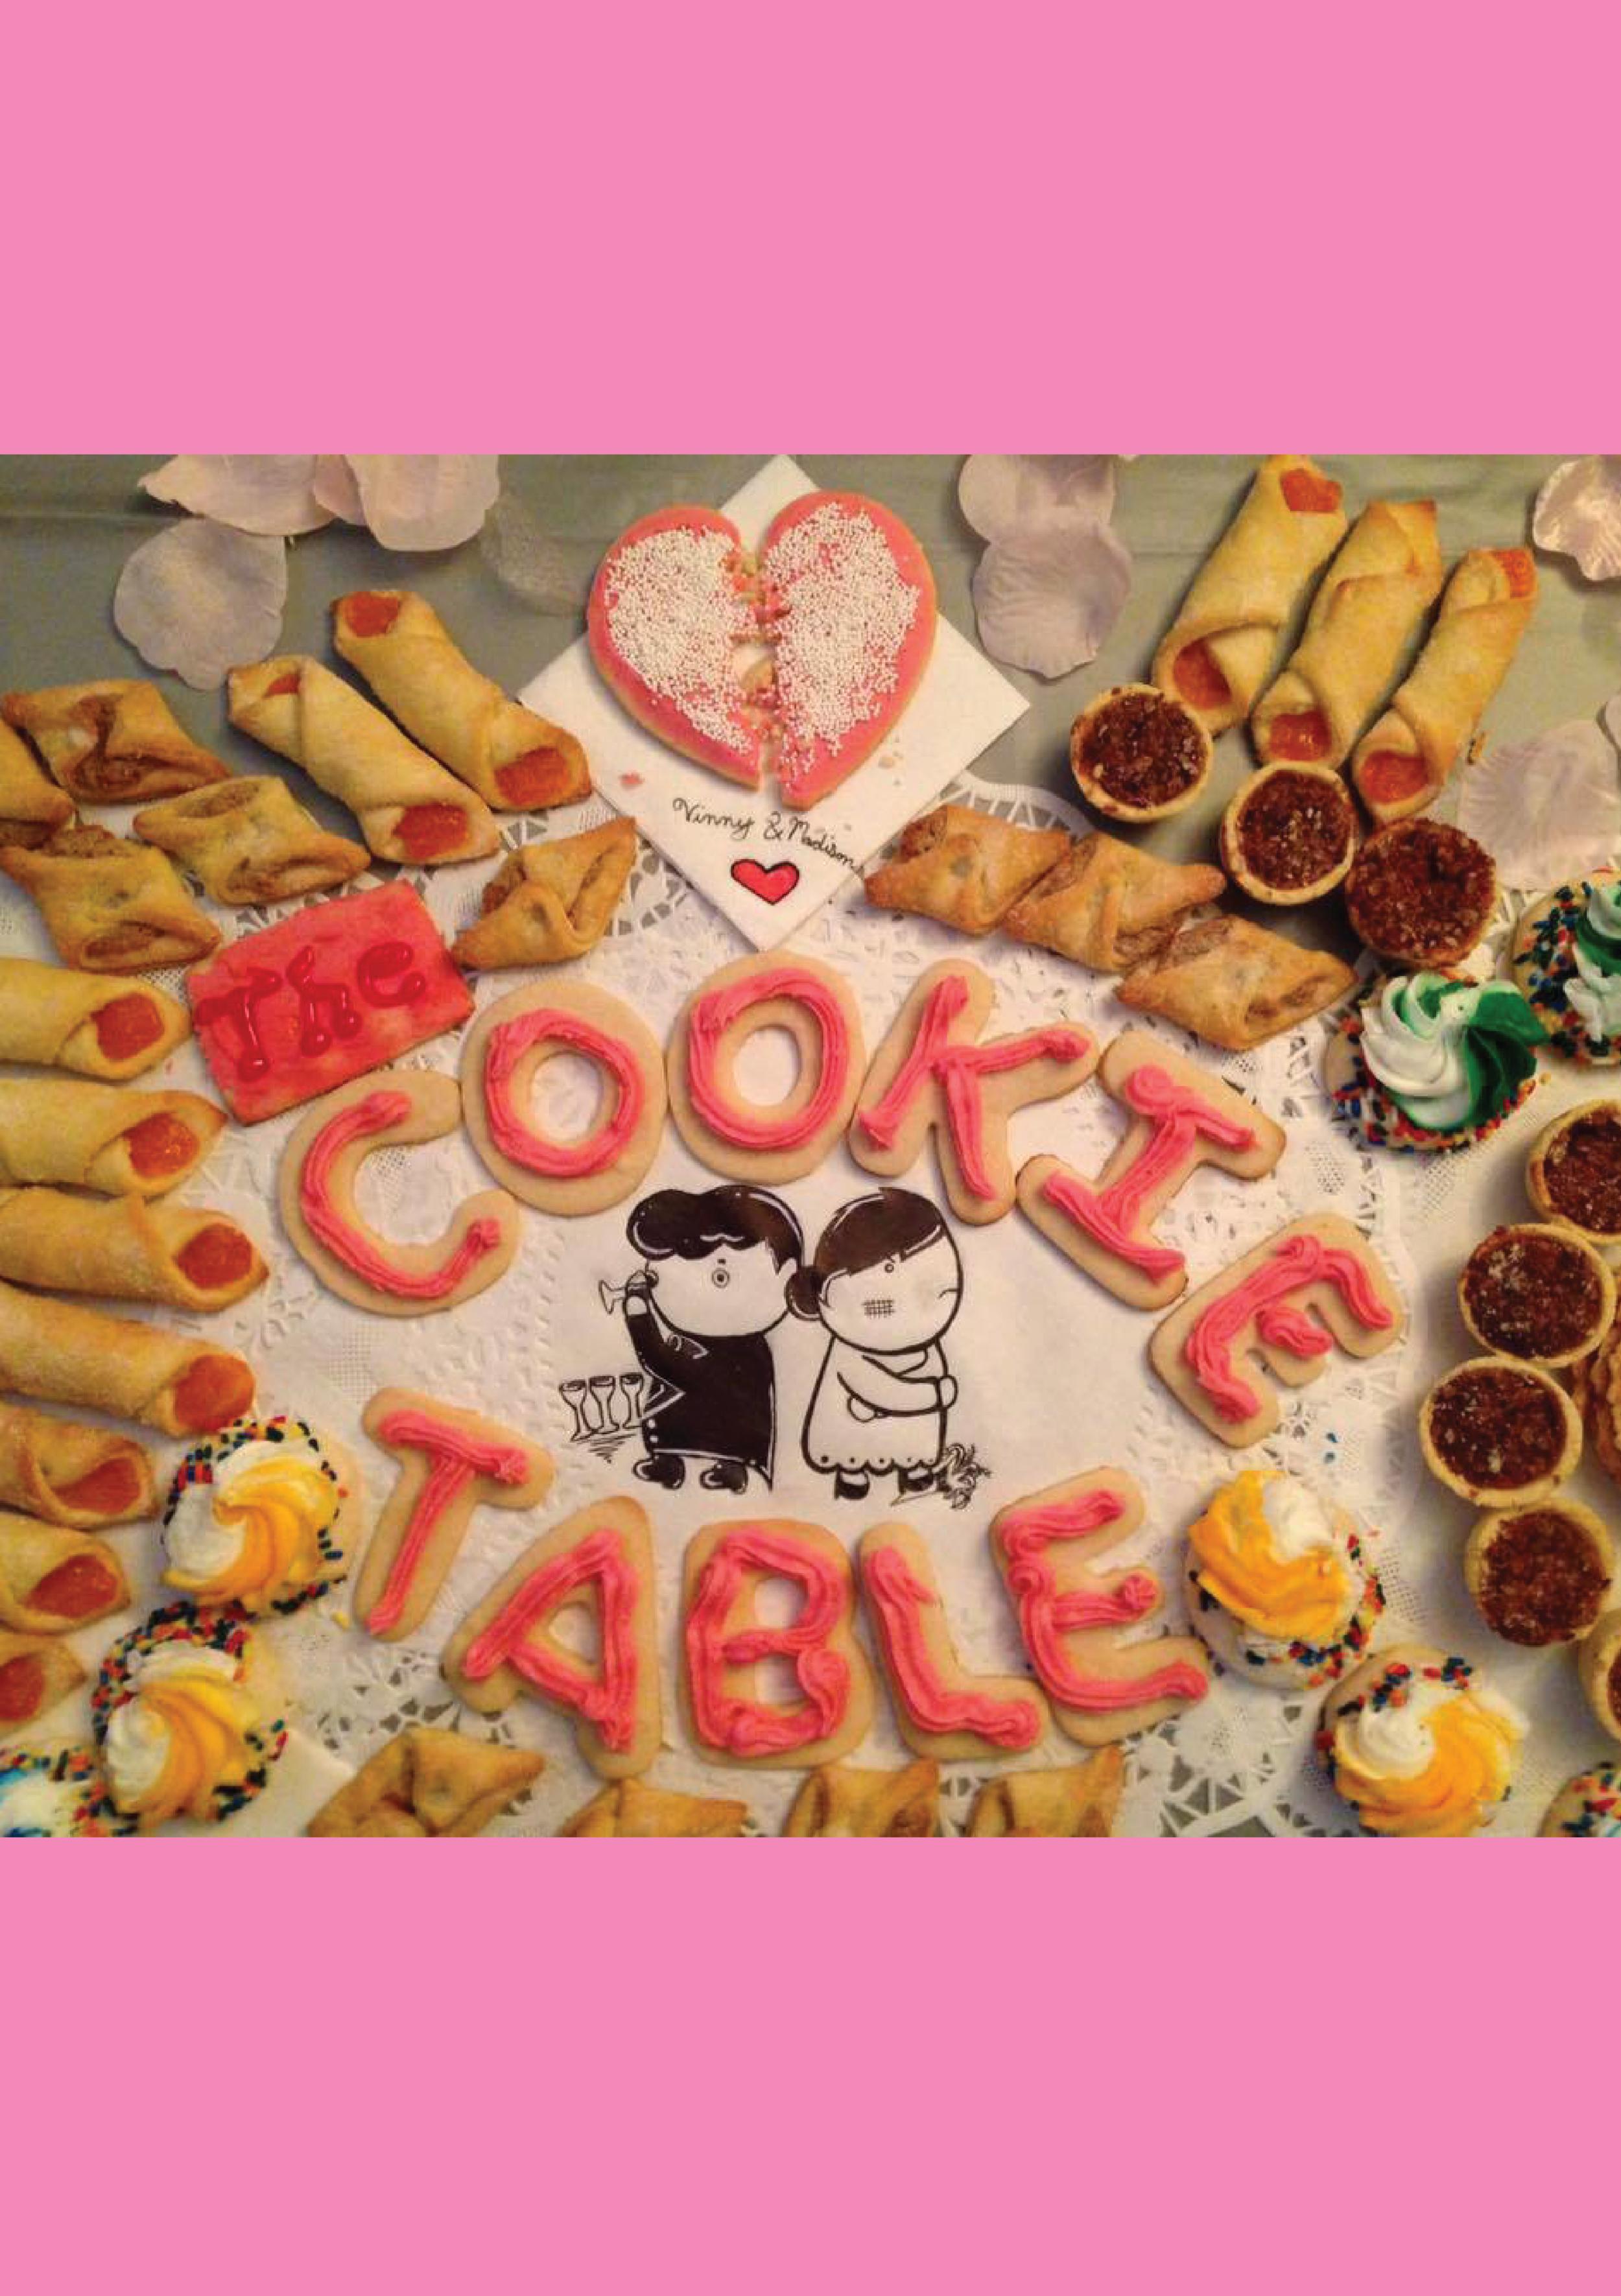 CookieTablePoster-01.png